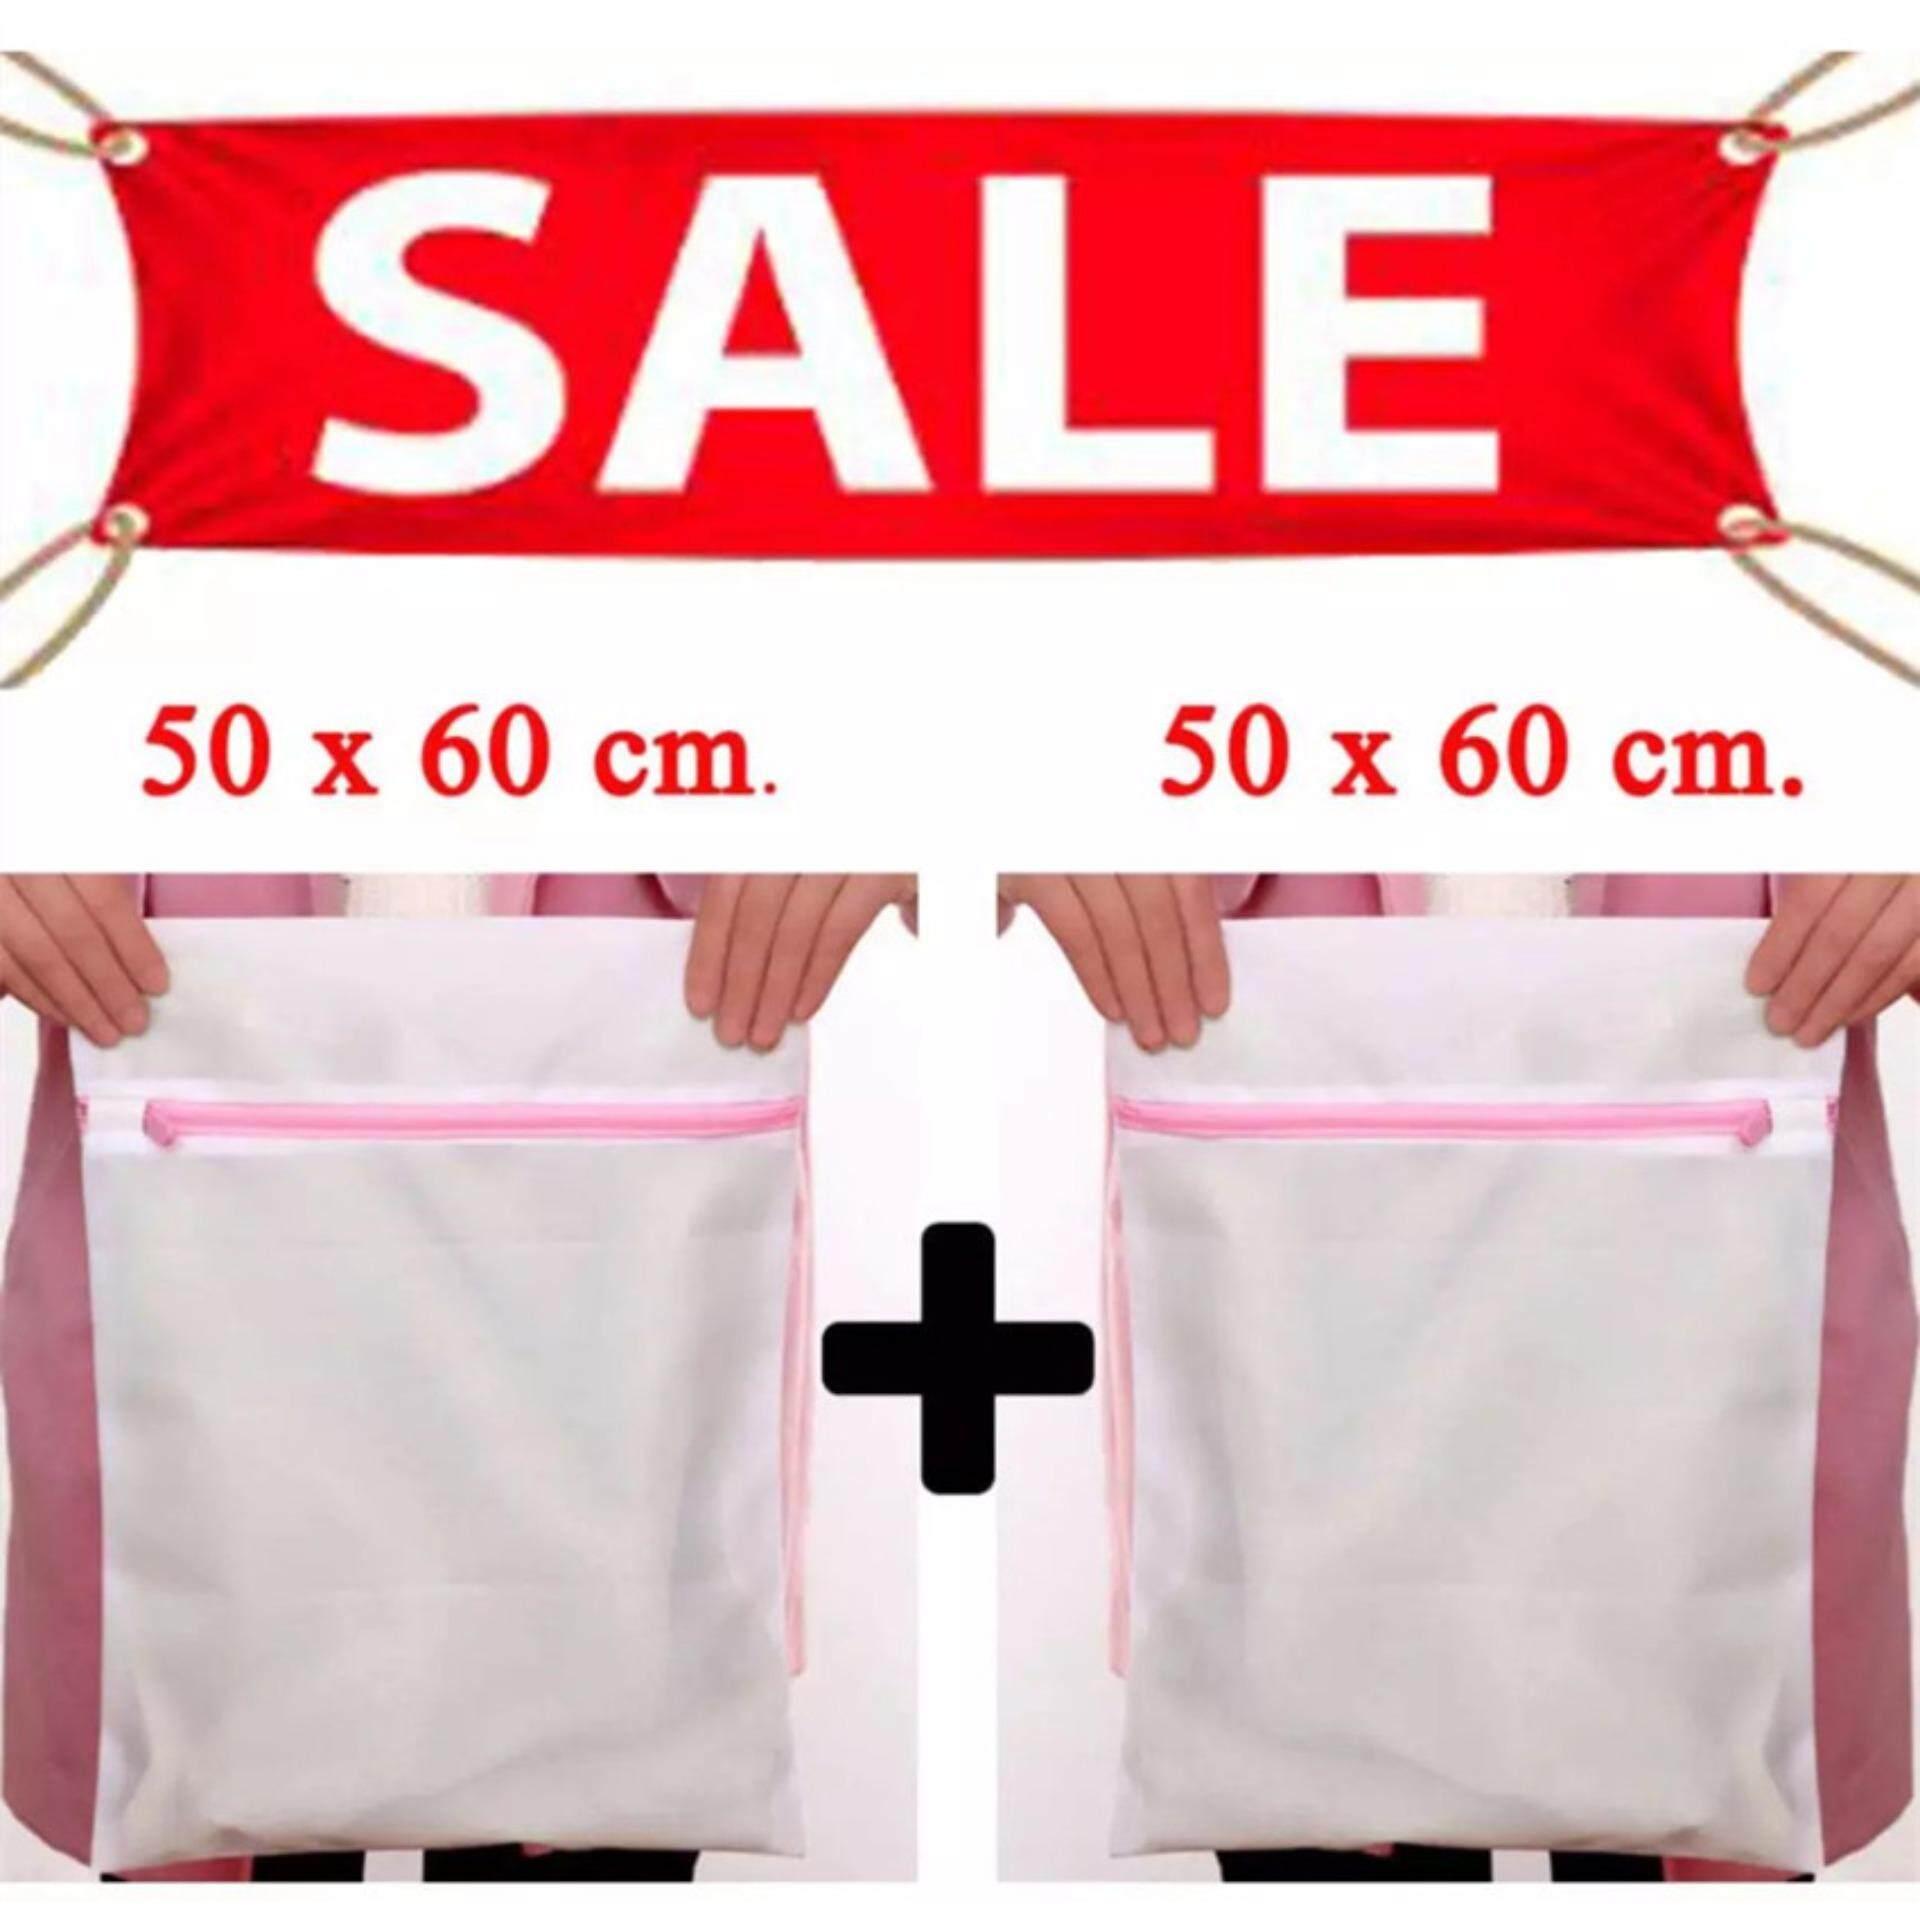 50x60 cm. ขนาดใหญ่ ถุงซักผ้า ถุงตาข่ายเนื้อละเอียด สำหรับซักถนอมผ้า ถุงซิป ถุงตาข่าย สำหรับชุดชั้นใน ถุงเท้าชั้นใน เสื้อผ้าที่ต้องการถนอม (2 ชิ้น)